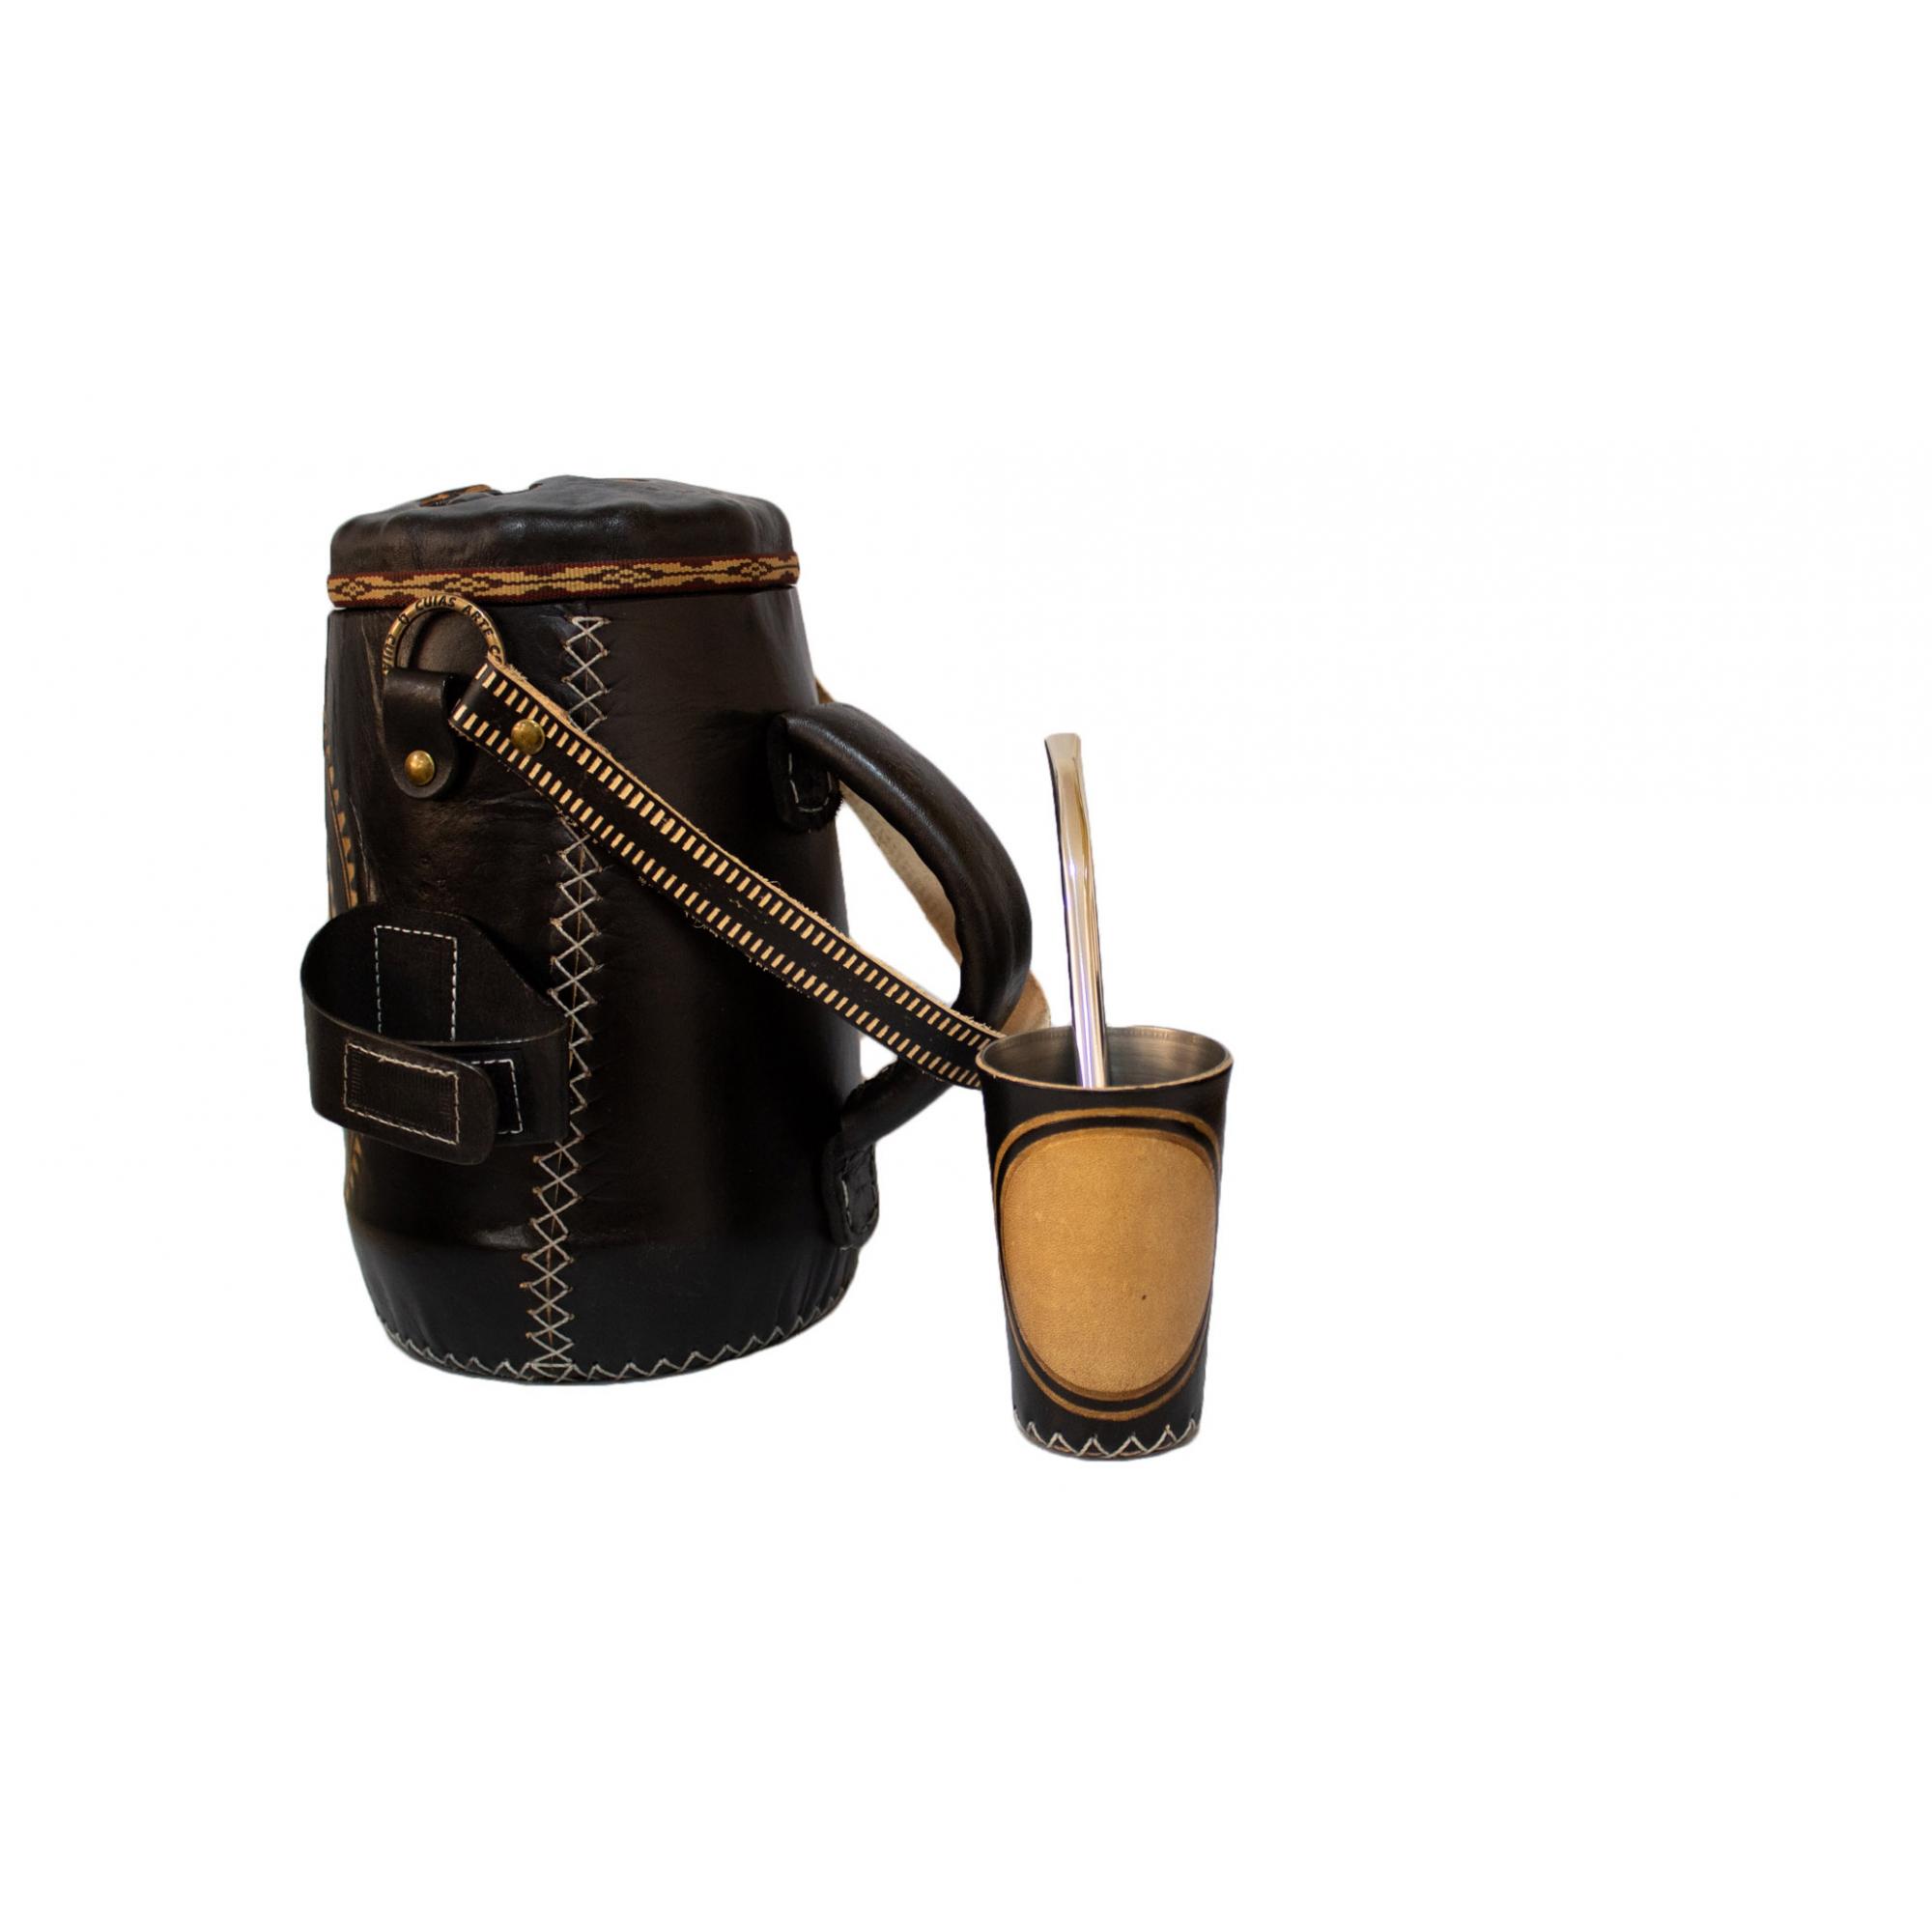 Kit tereré personalizável revestido em couro, copo alumínio, garrafa térmica 2,5 Litros e bomba inox